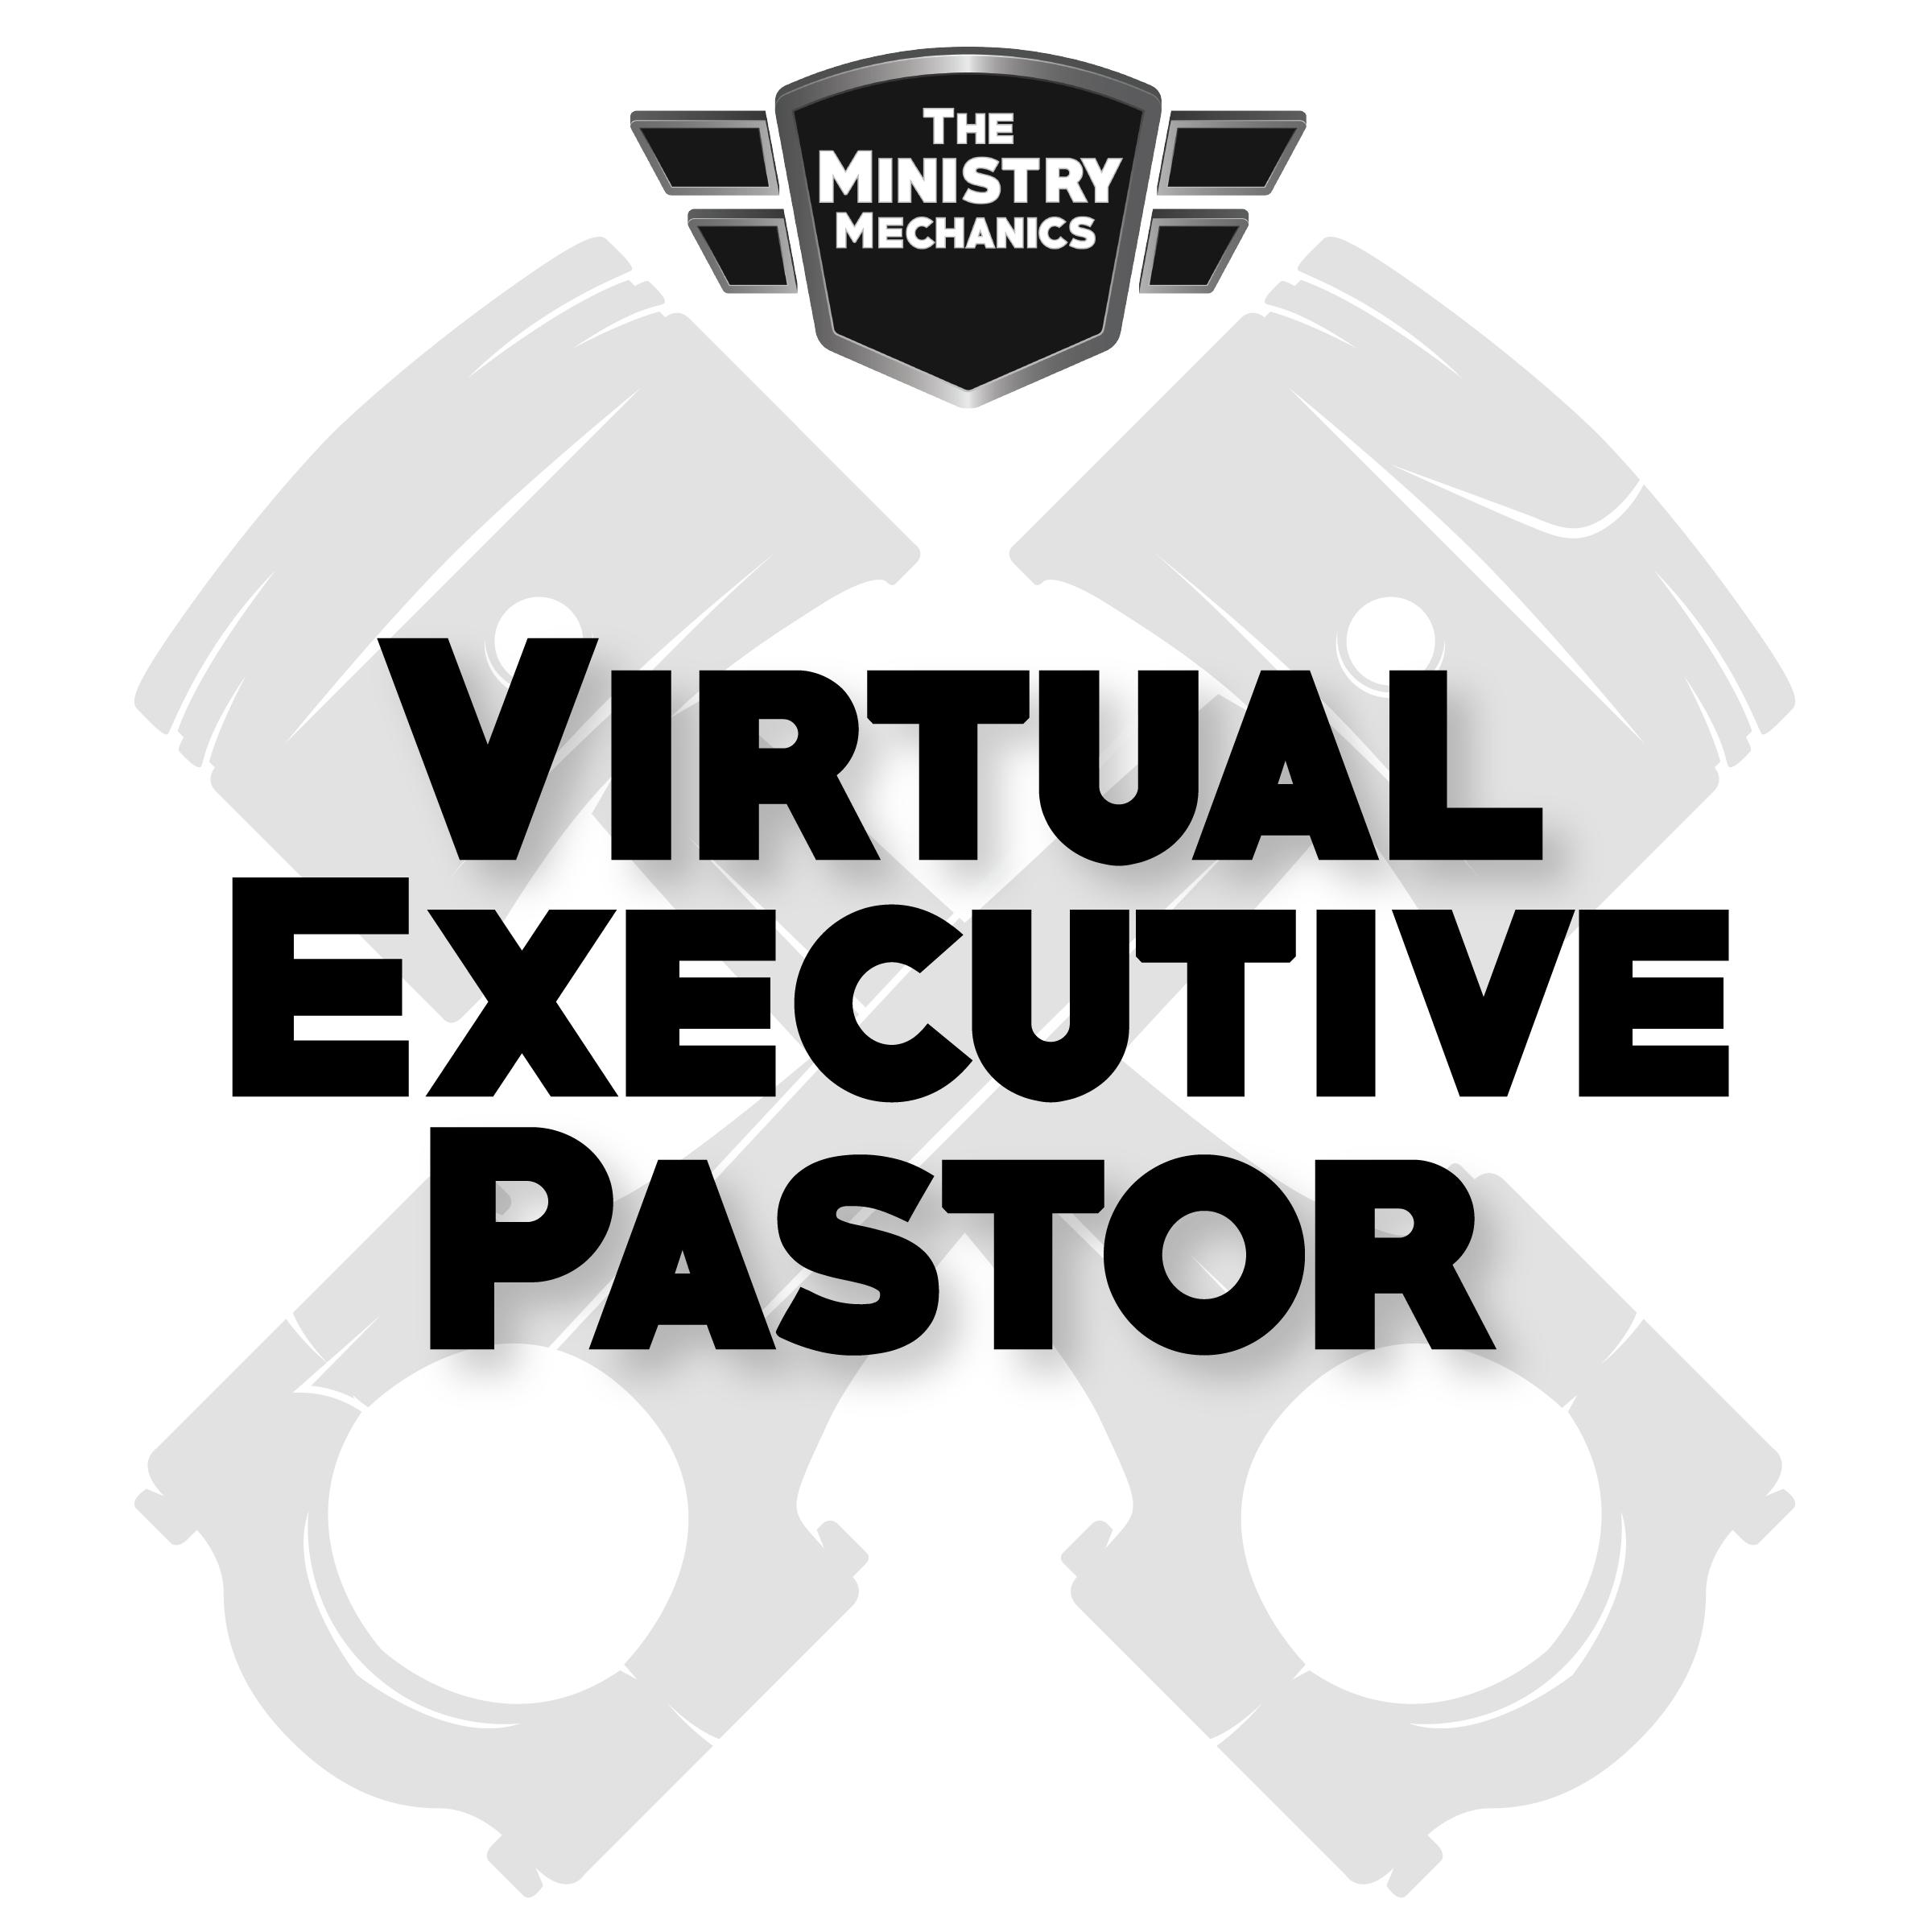 Virtual Executive Pastor.png